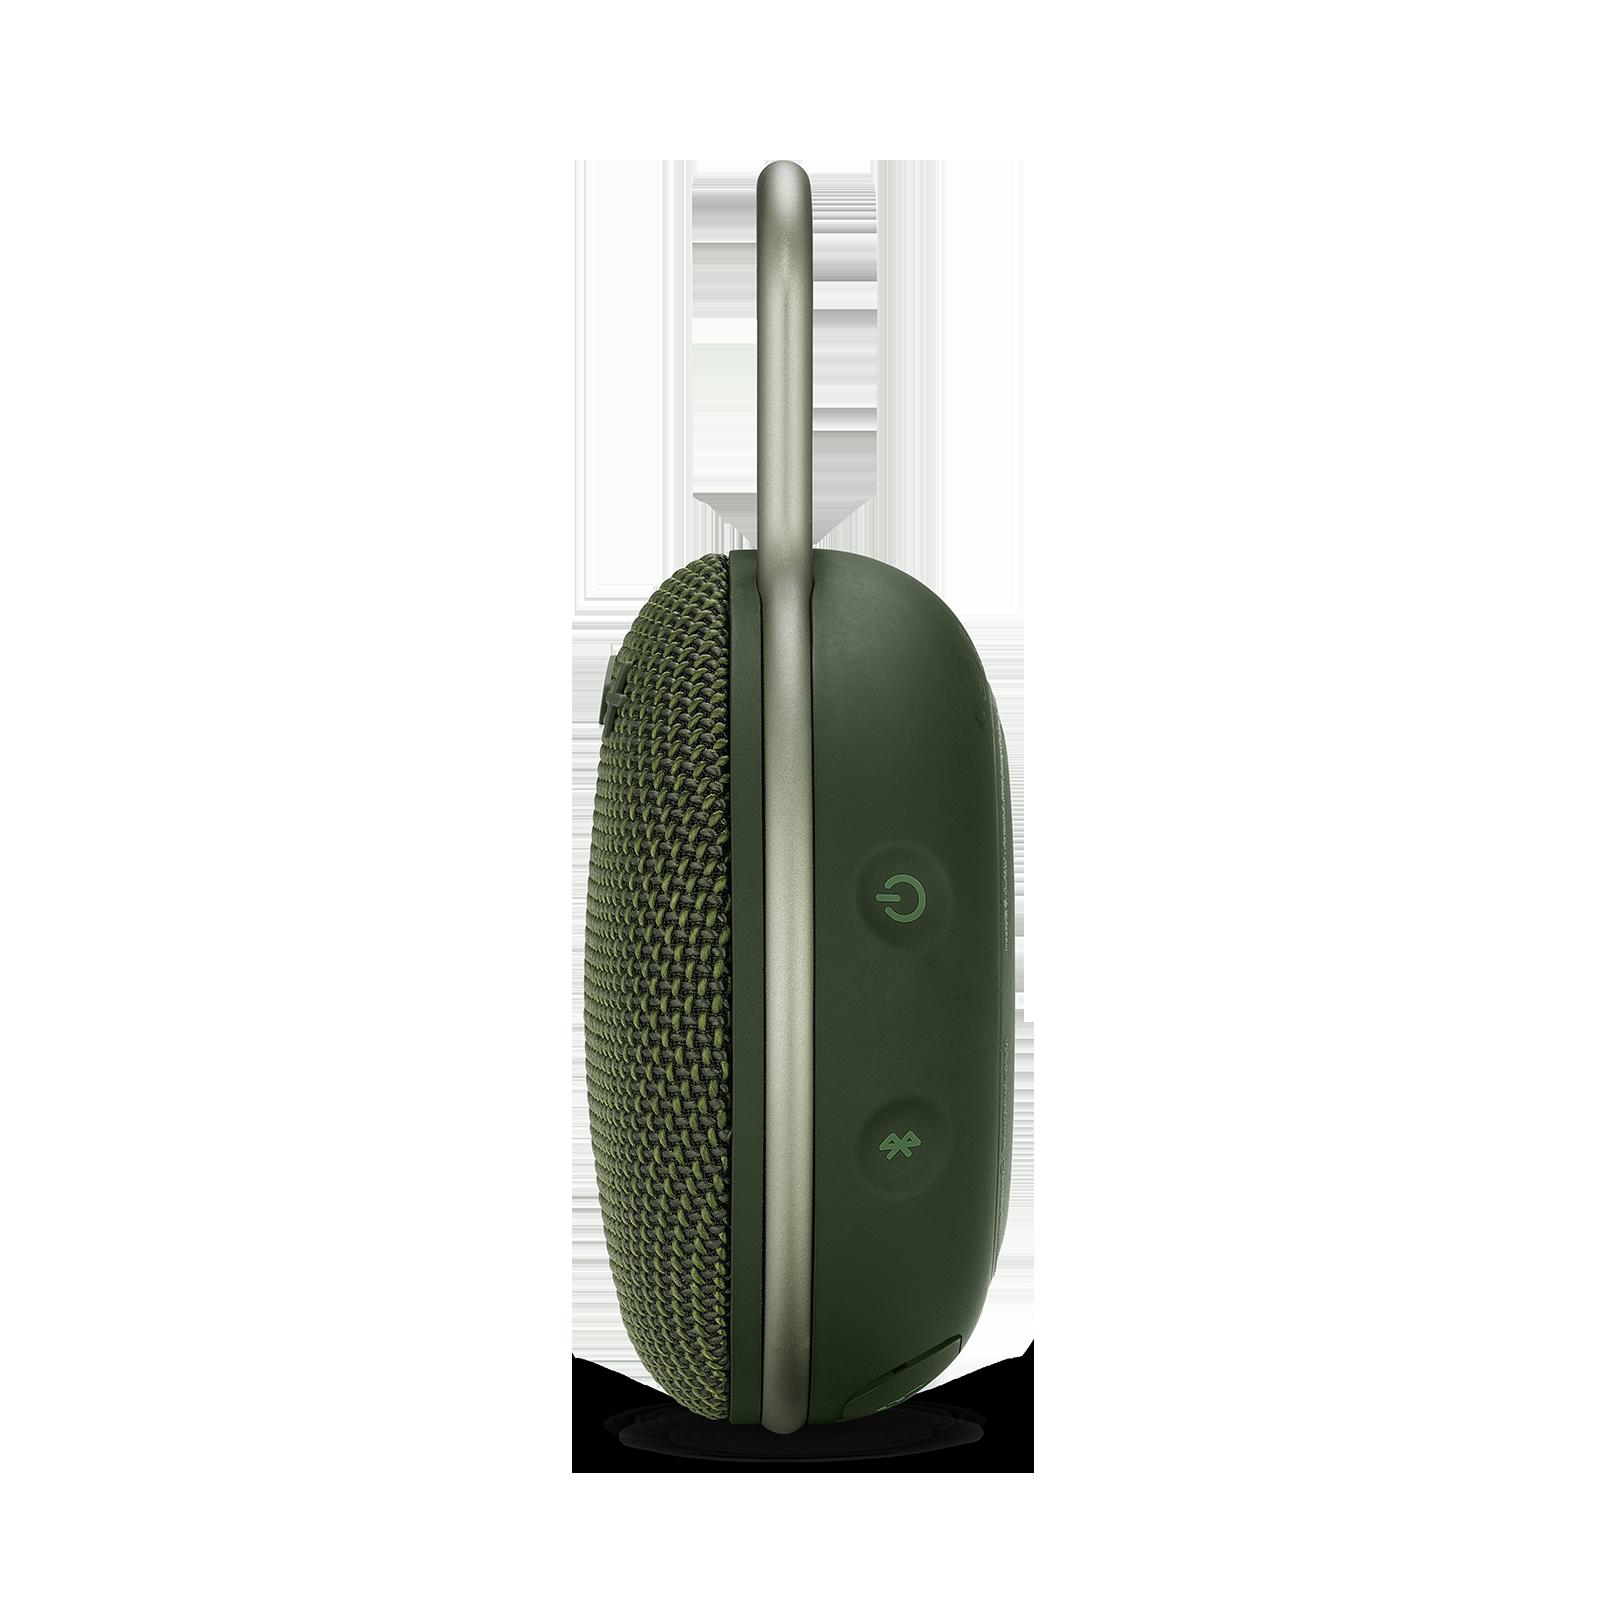 JBL CLIP 3 - Forest Green - Portable Bluetooth® speaker - Detailshot 2